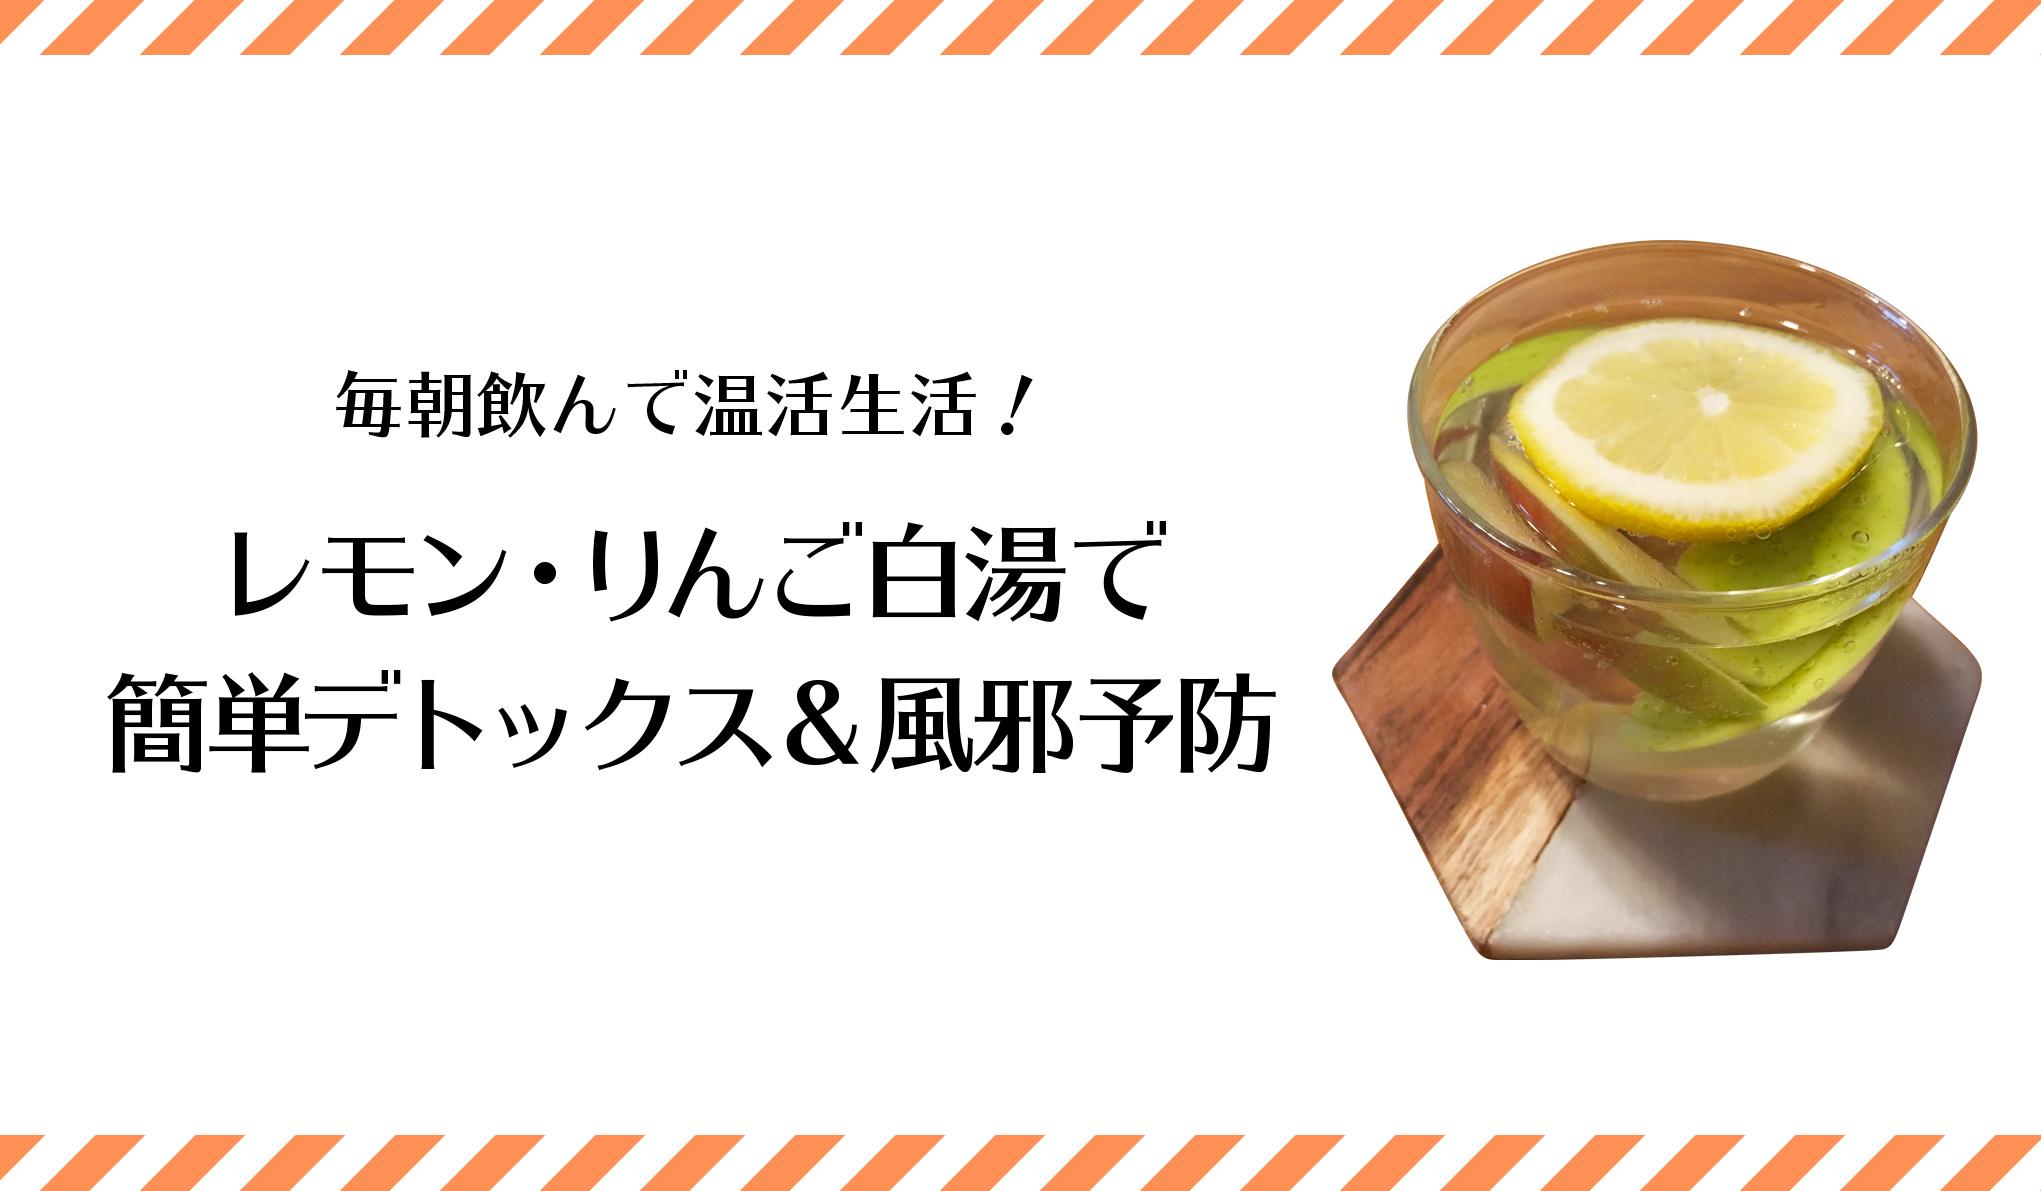 毎朝飲んで温活生活!レモン・りんご白湯で簡単デトックス ...